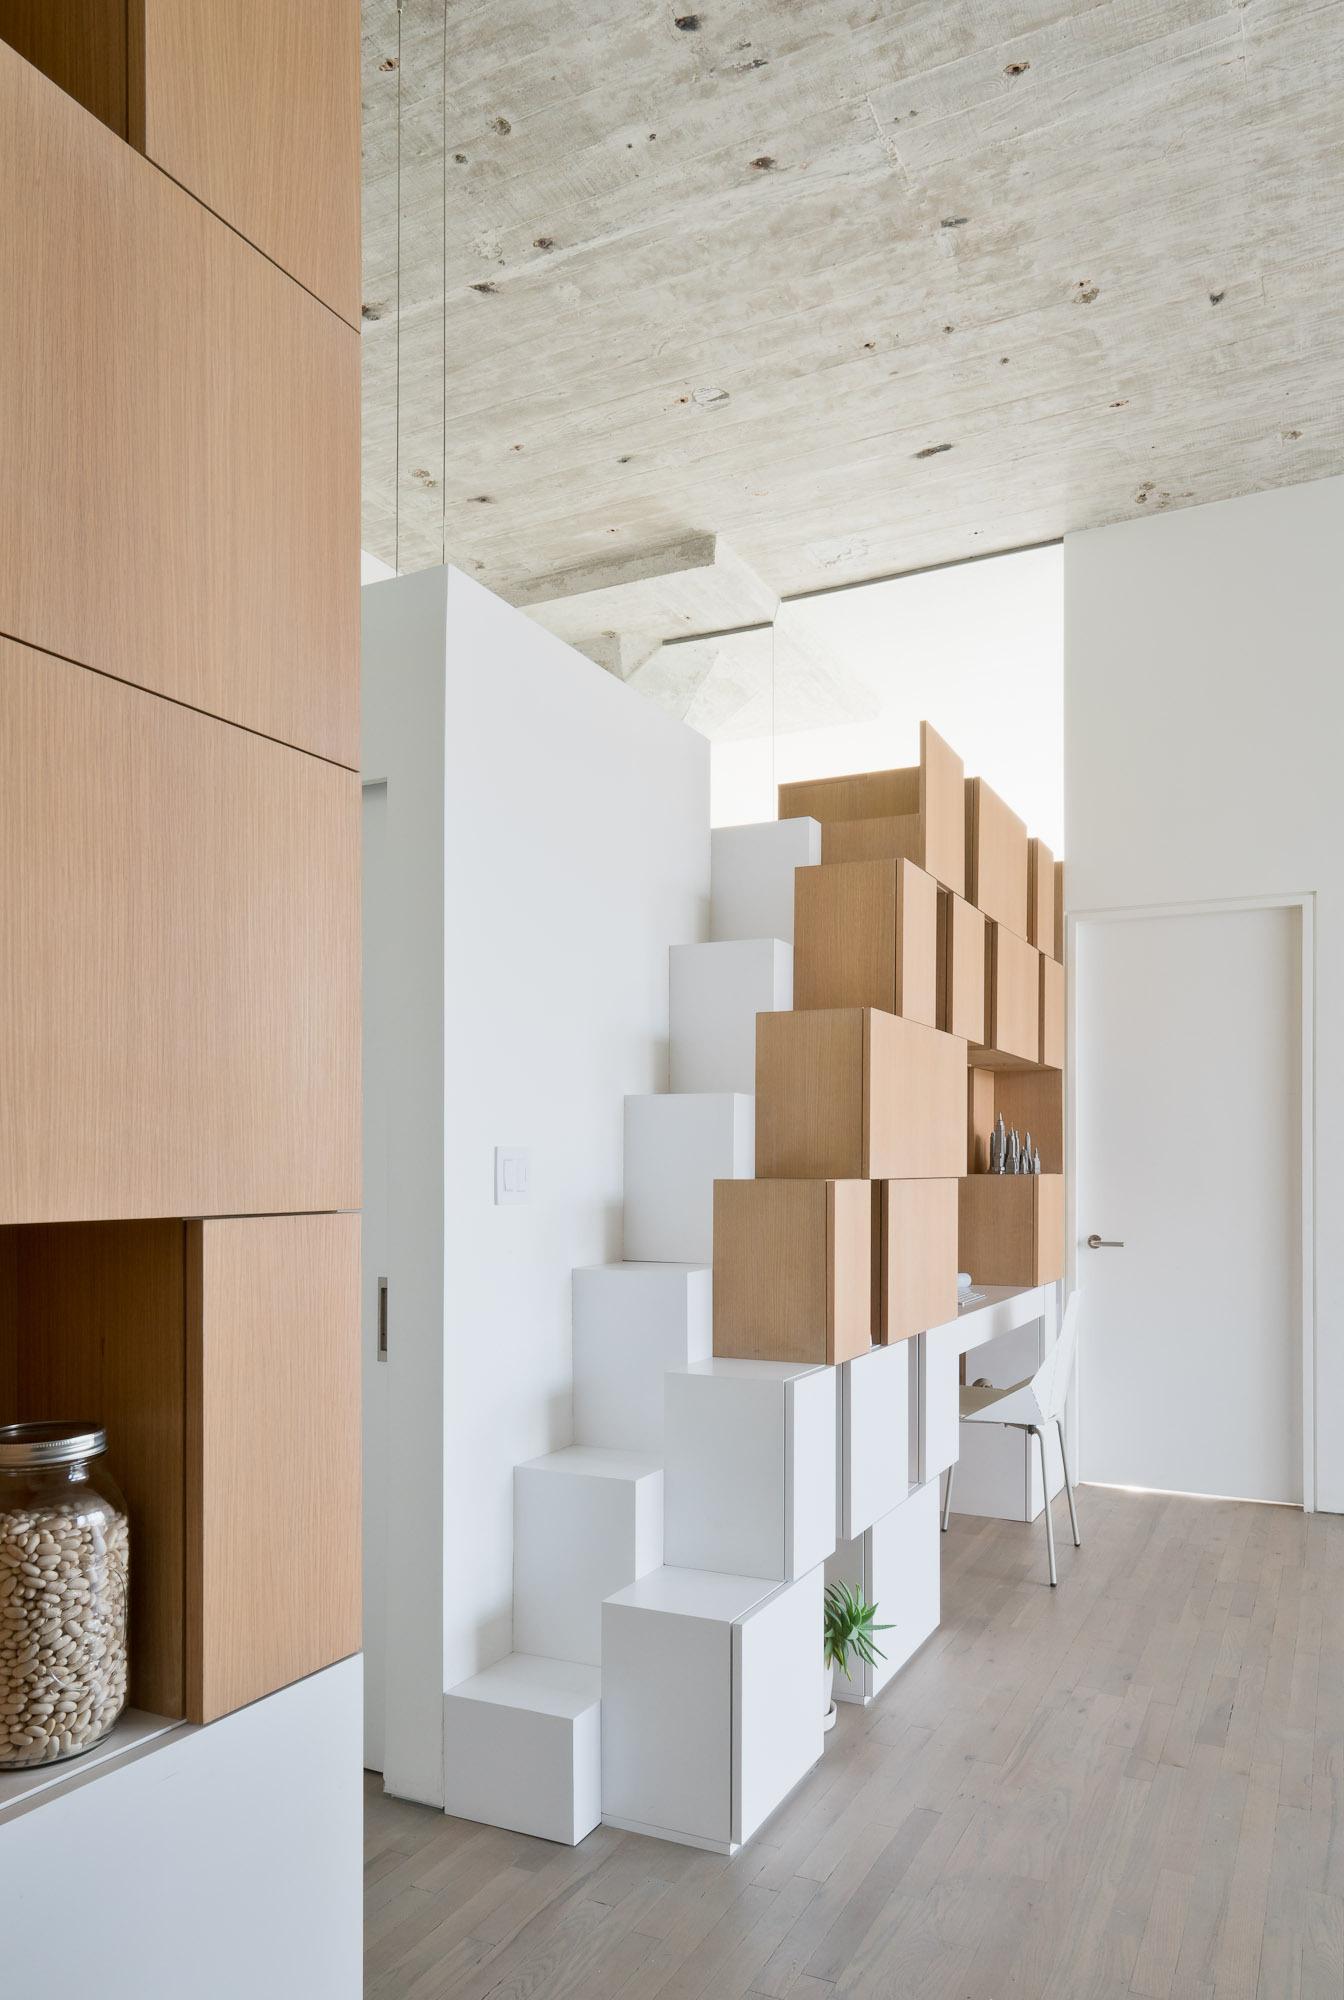 Doehler / Sabo Project (17)